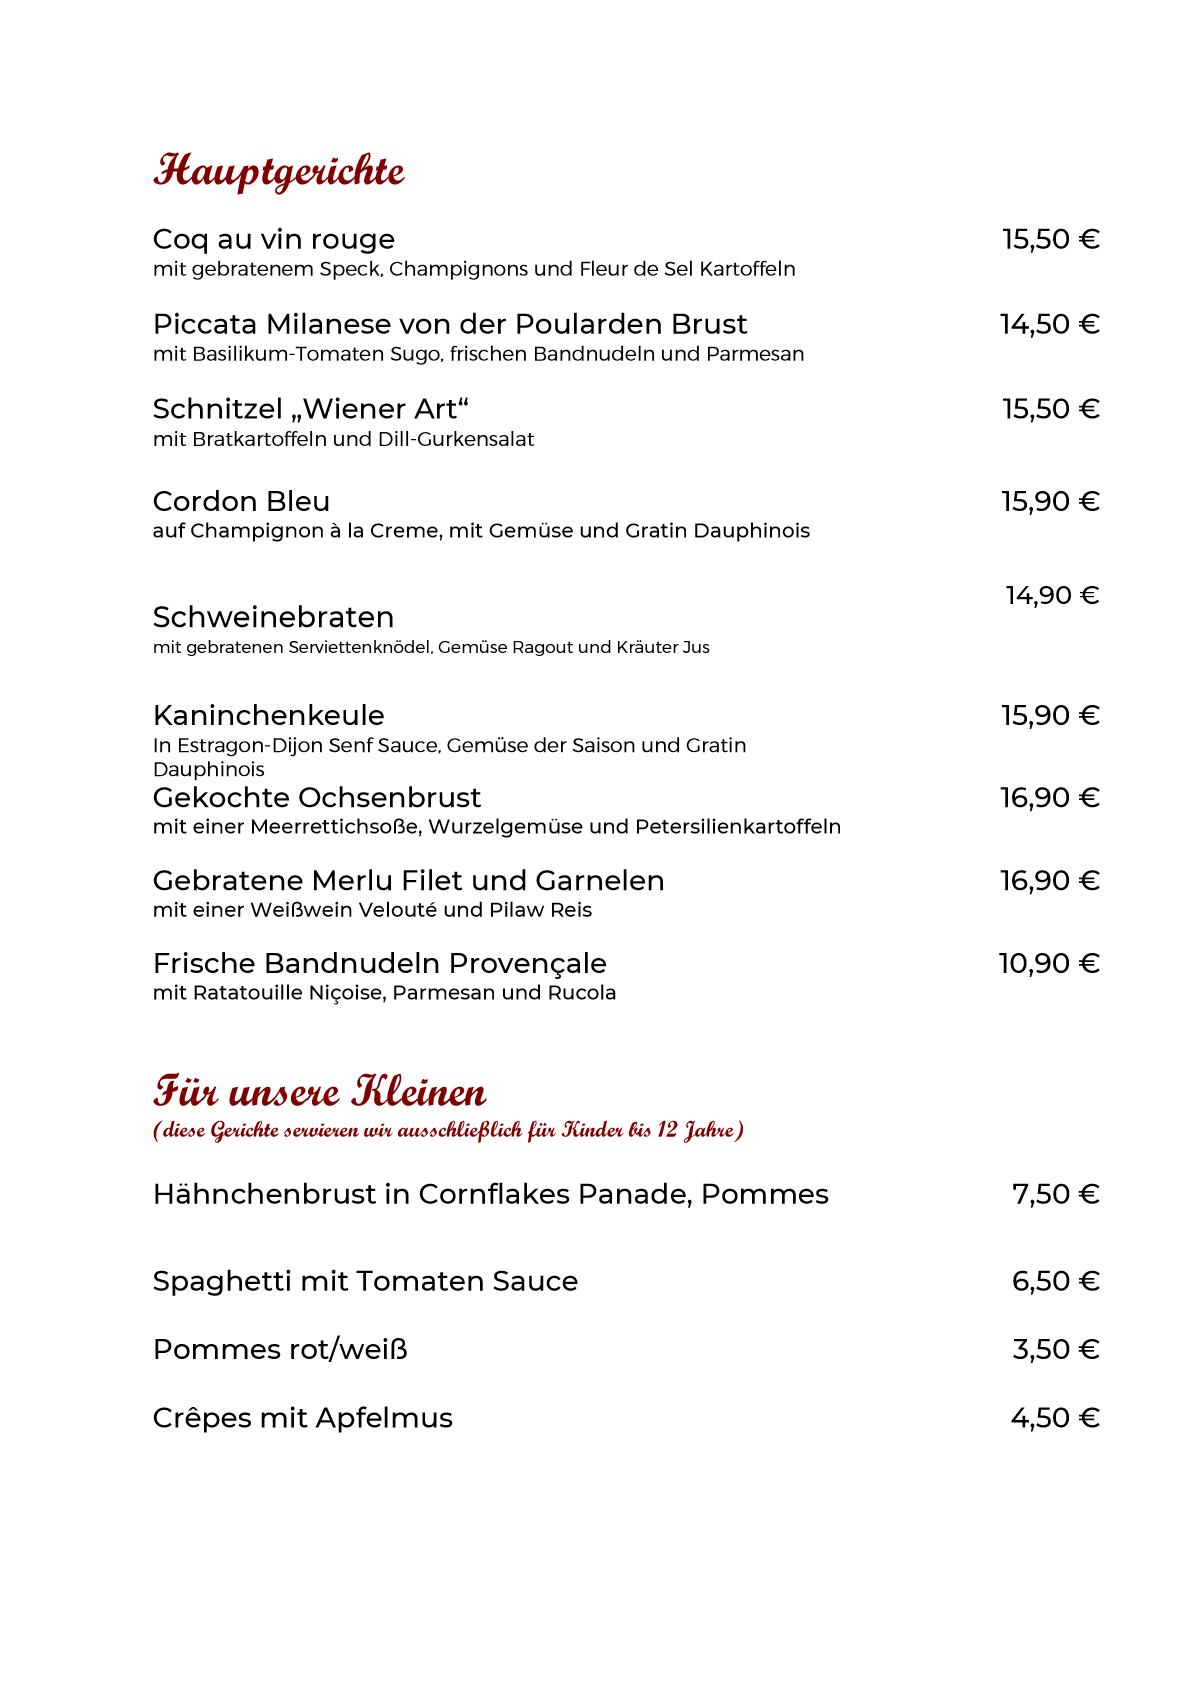 Speisekarte Hauptgänge neu 10.09.2021